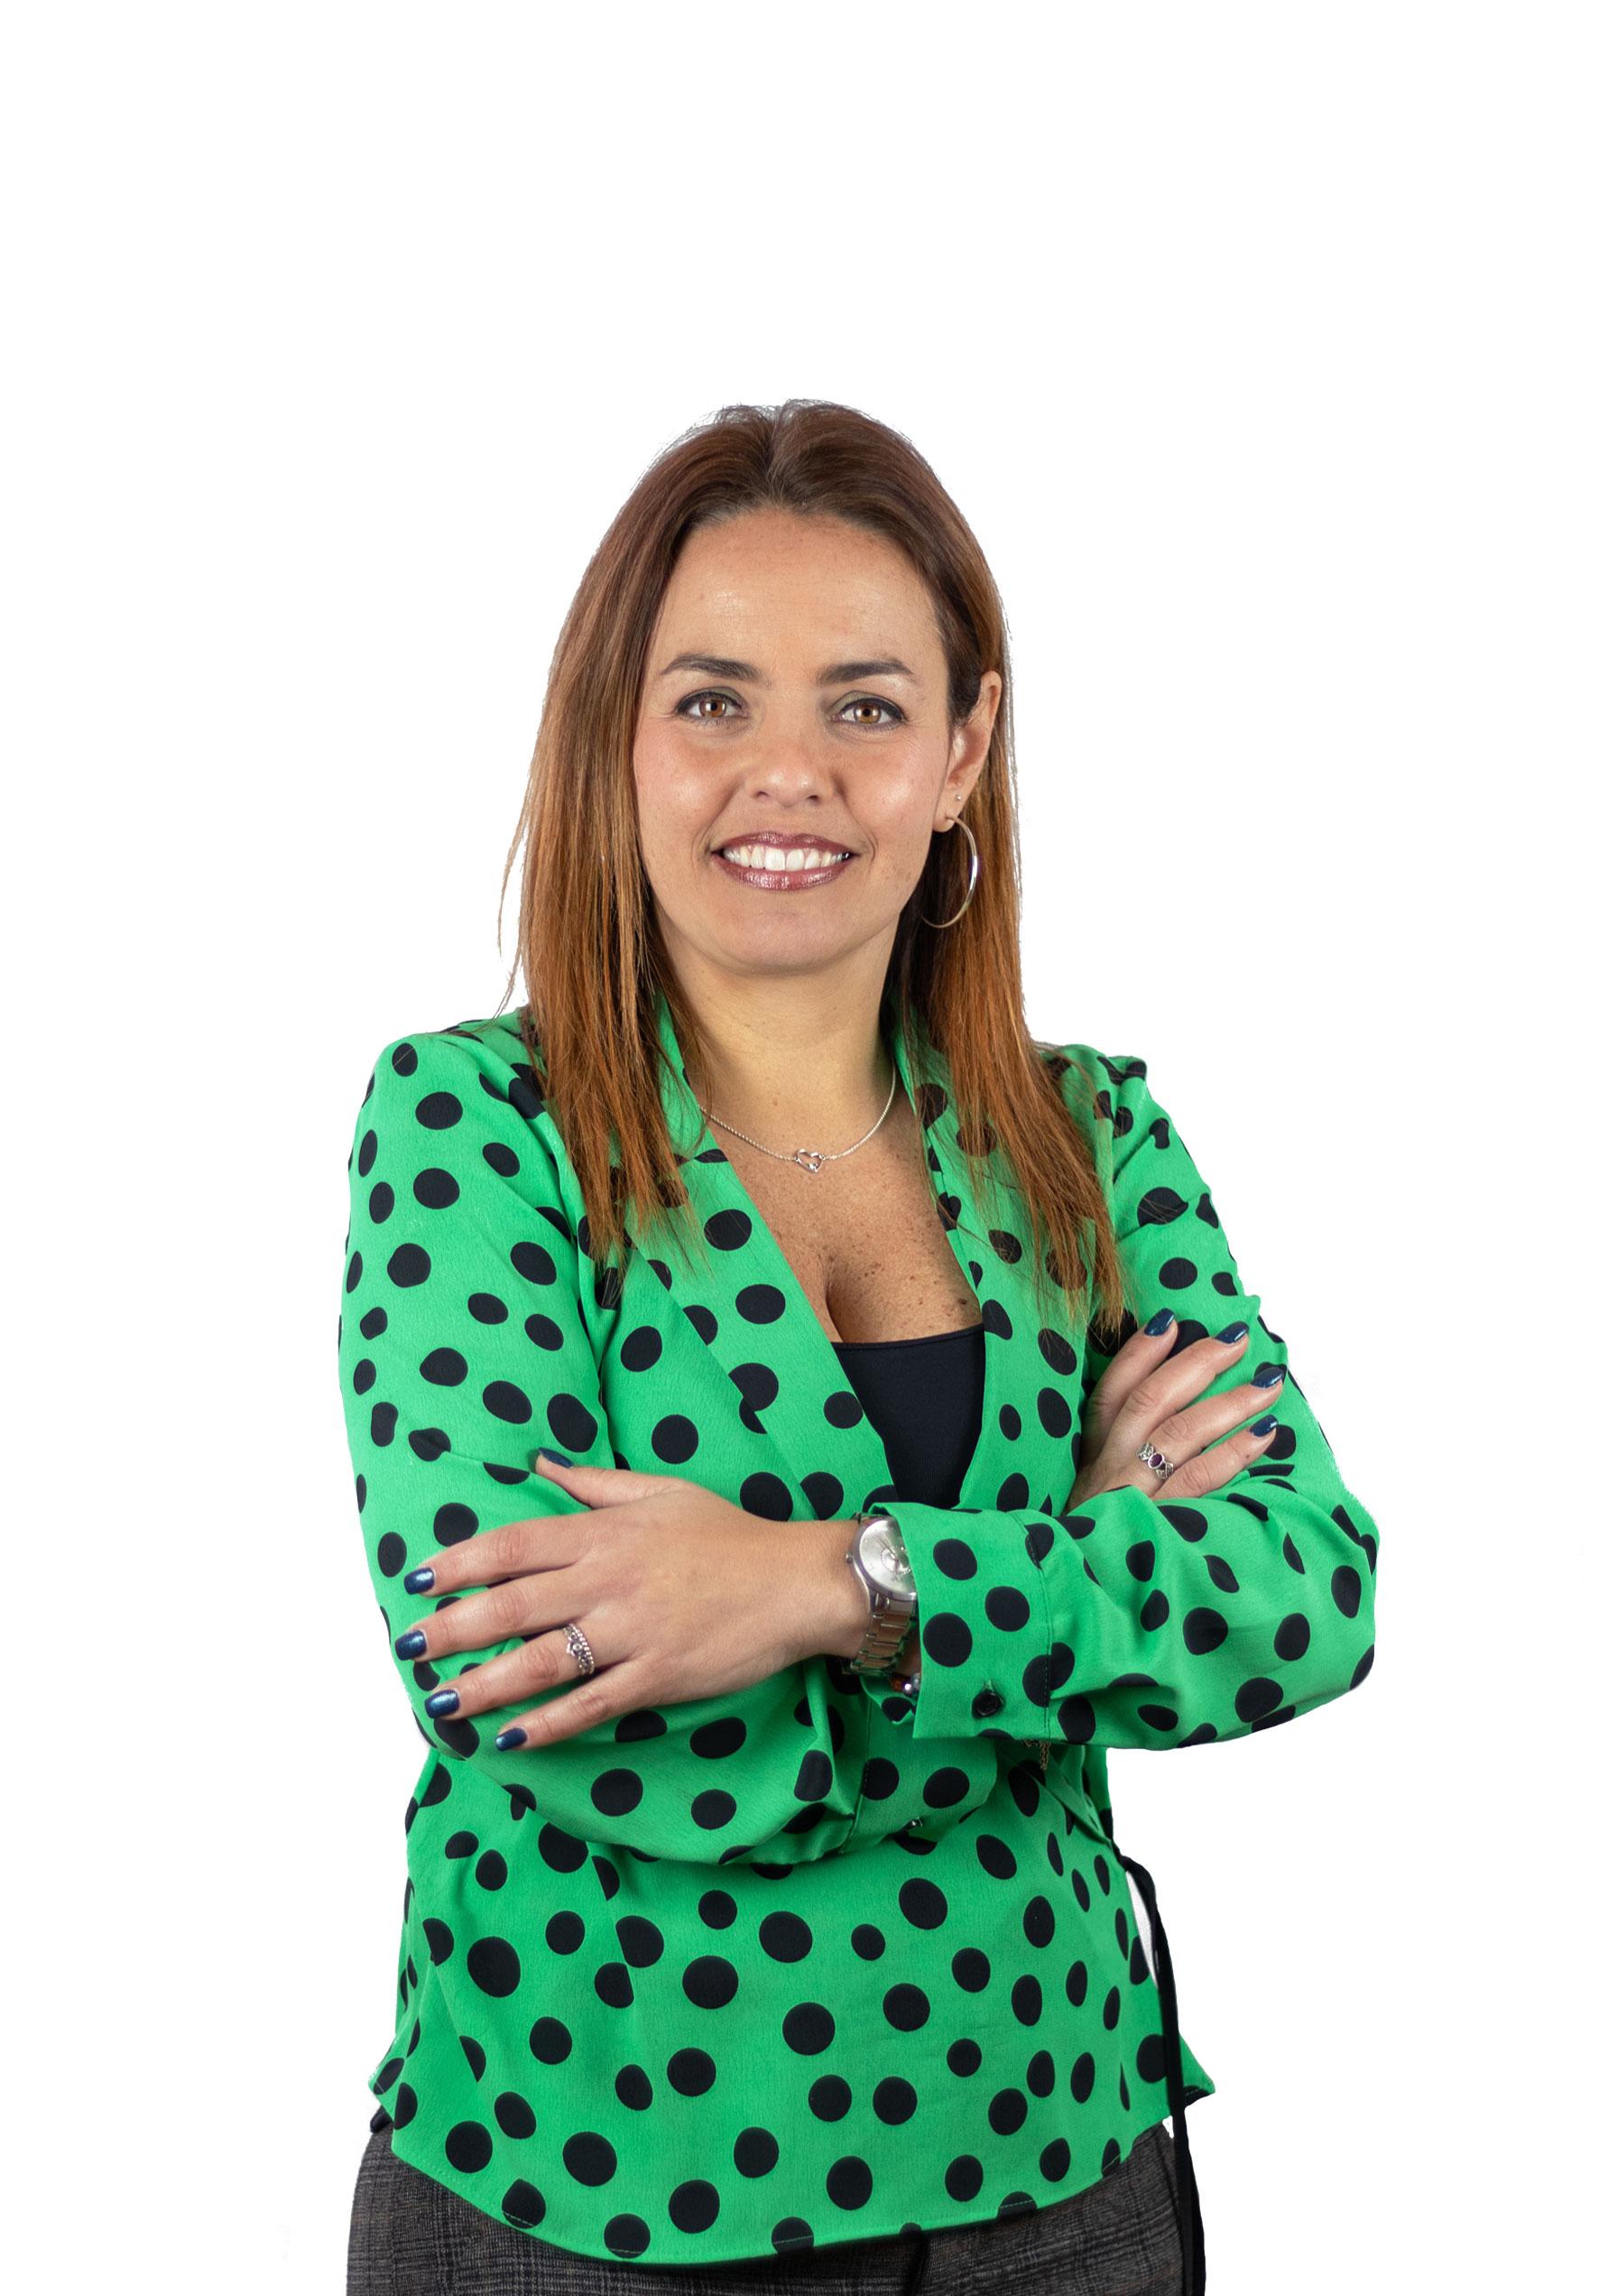 Neida Ferreira